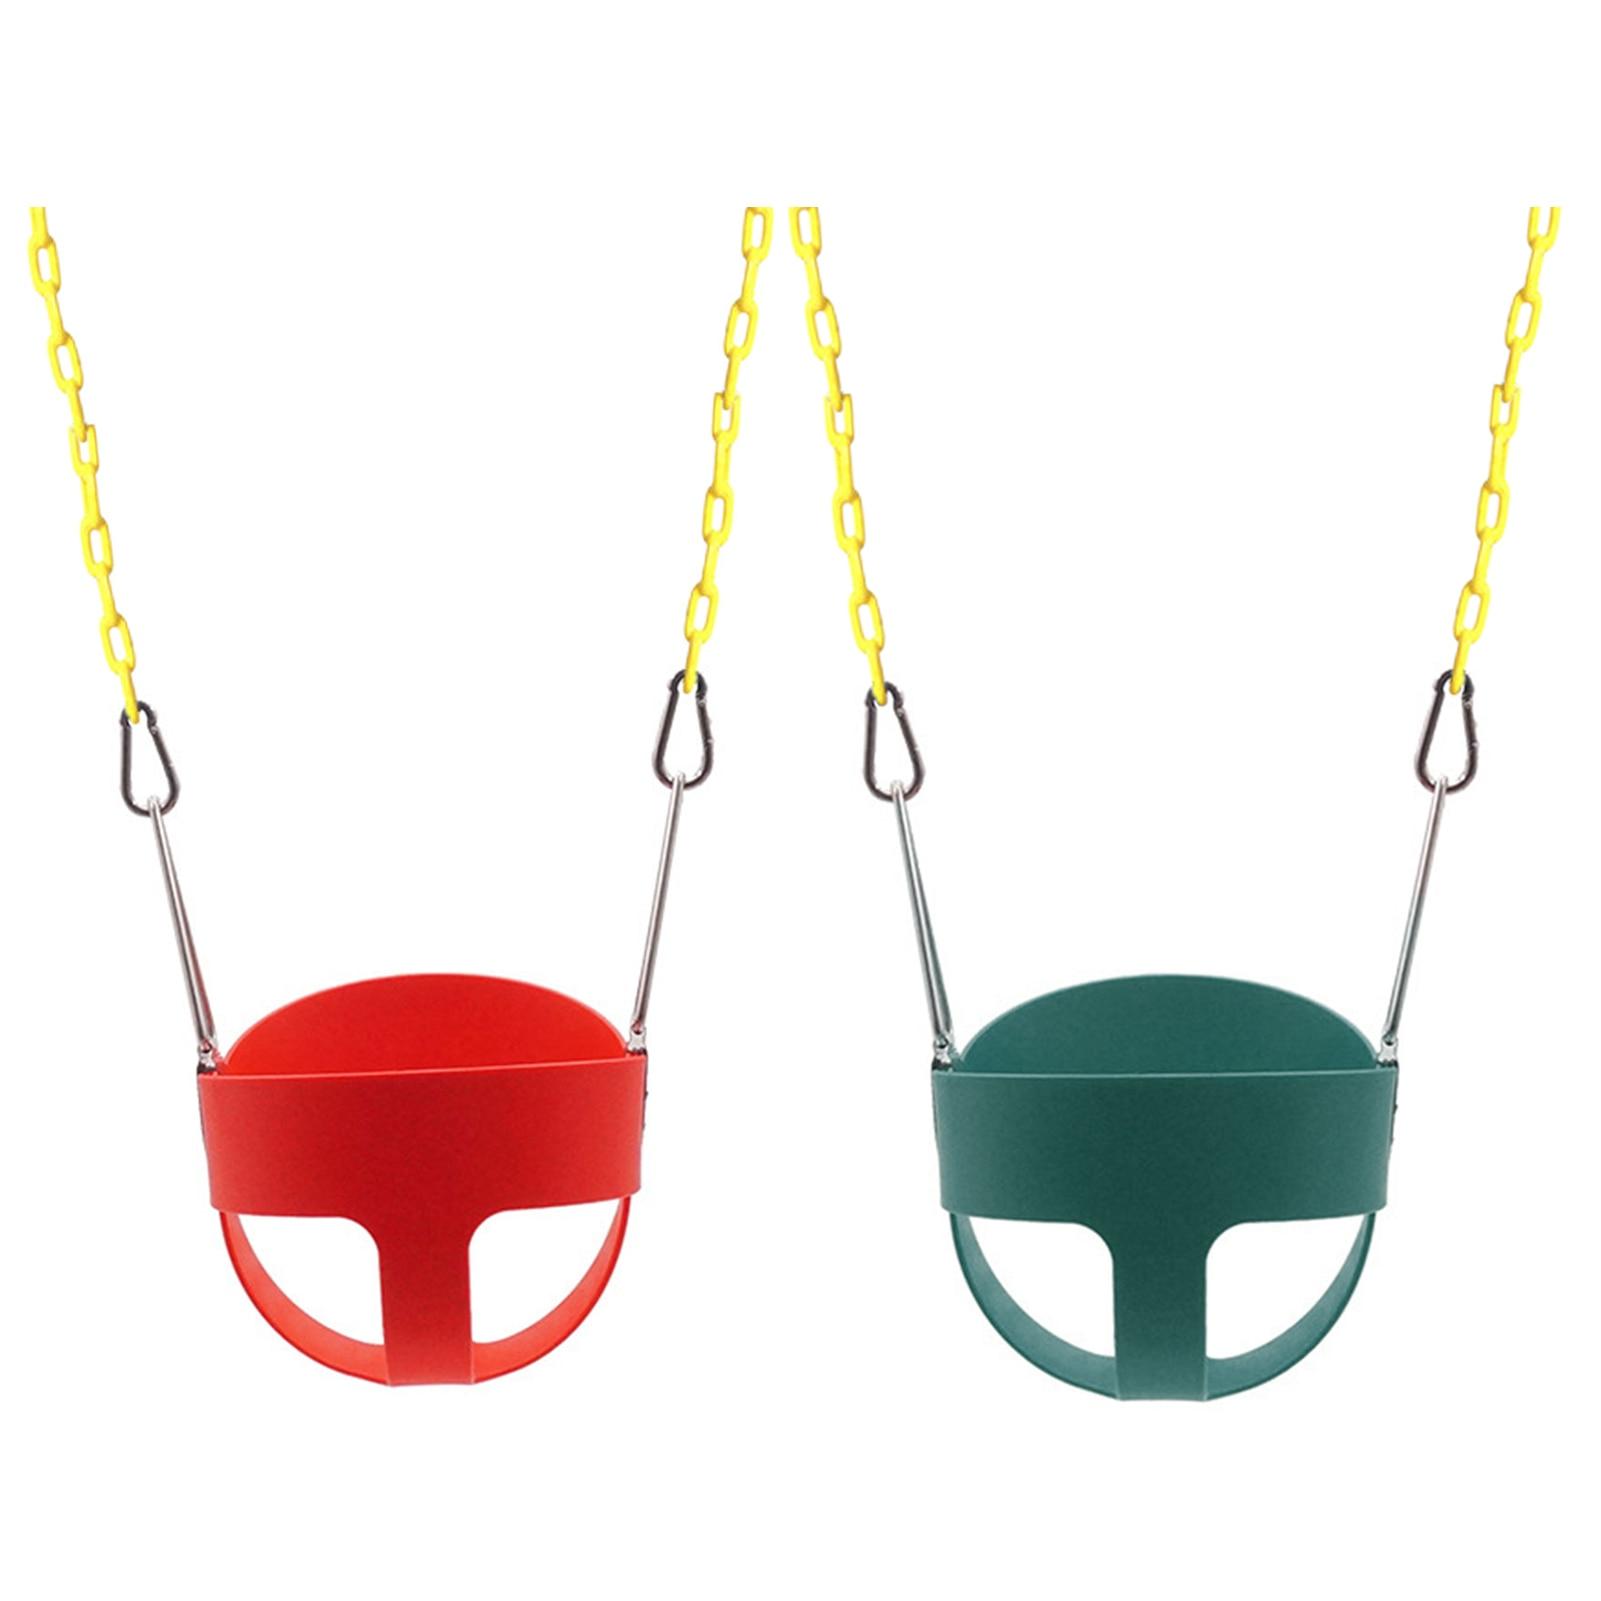 crianças criança plástico balanço miúdo balanço conjunto 32x26cx29cm